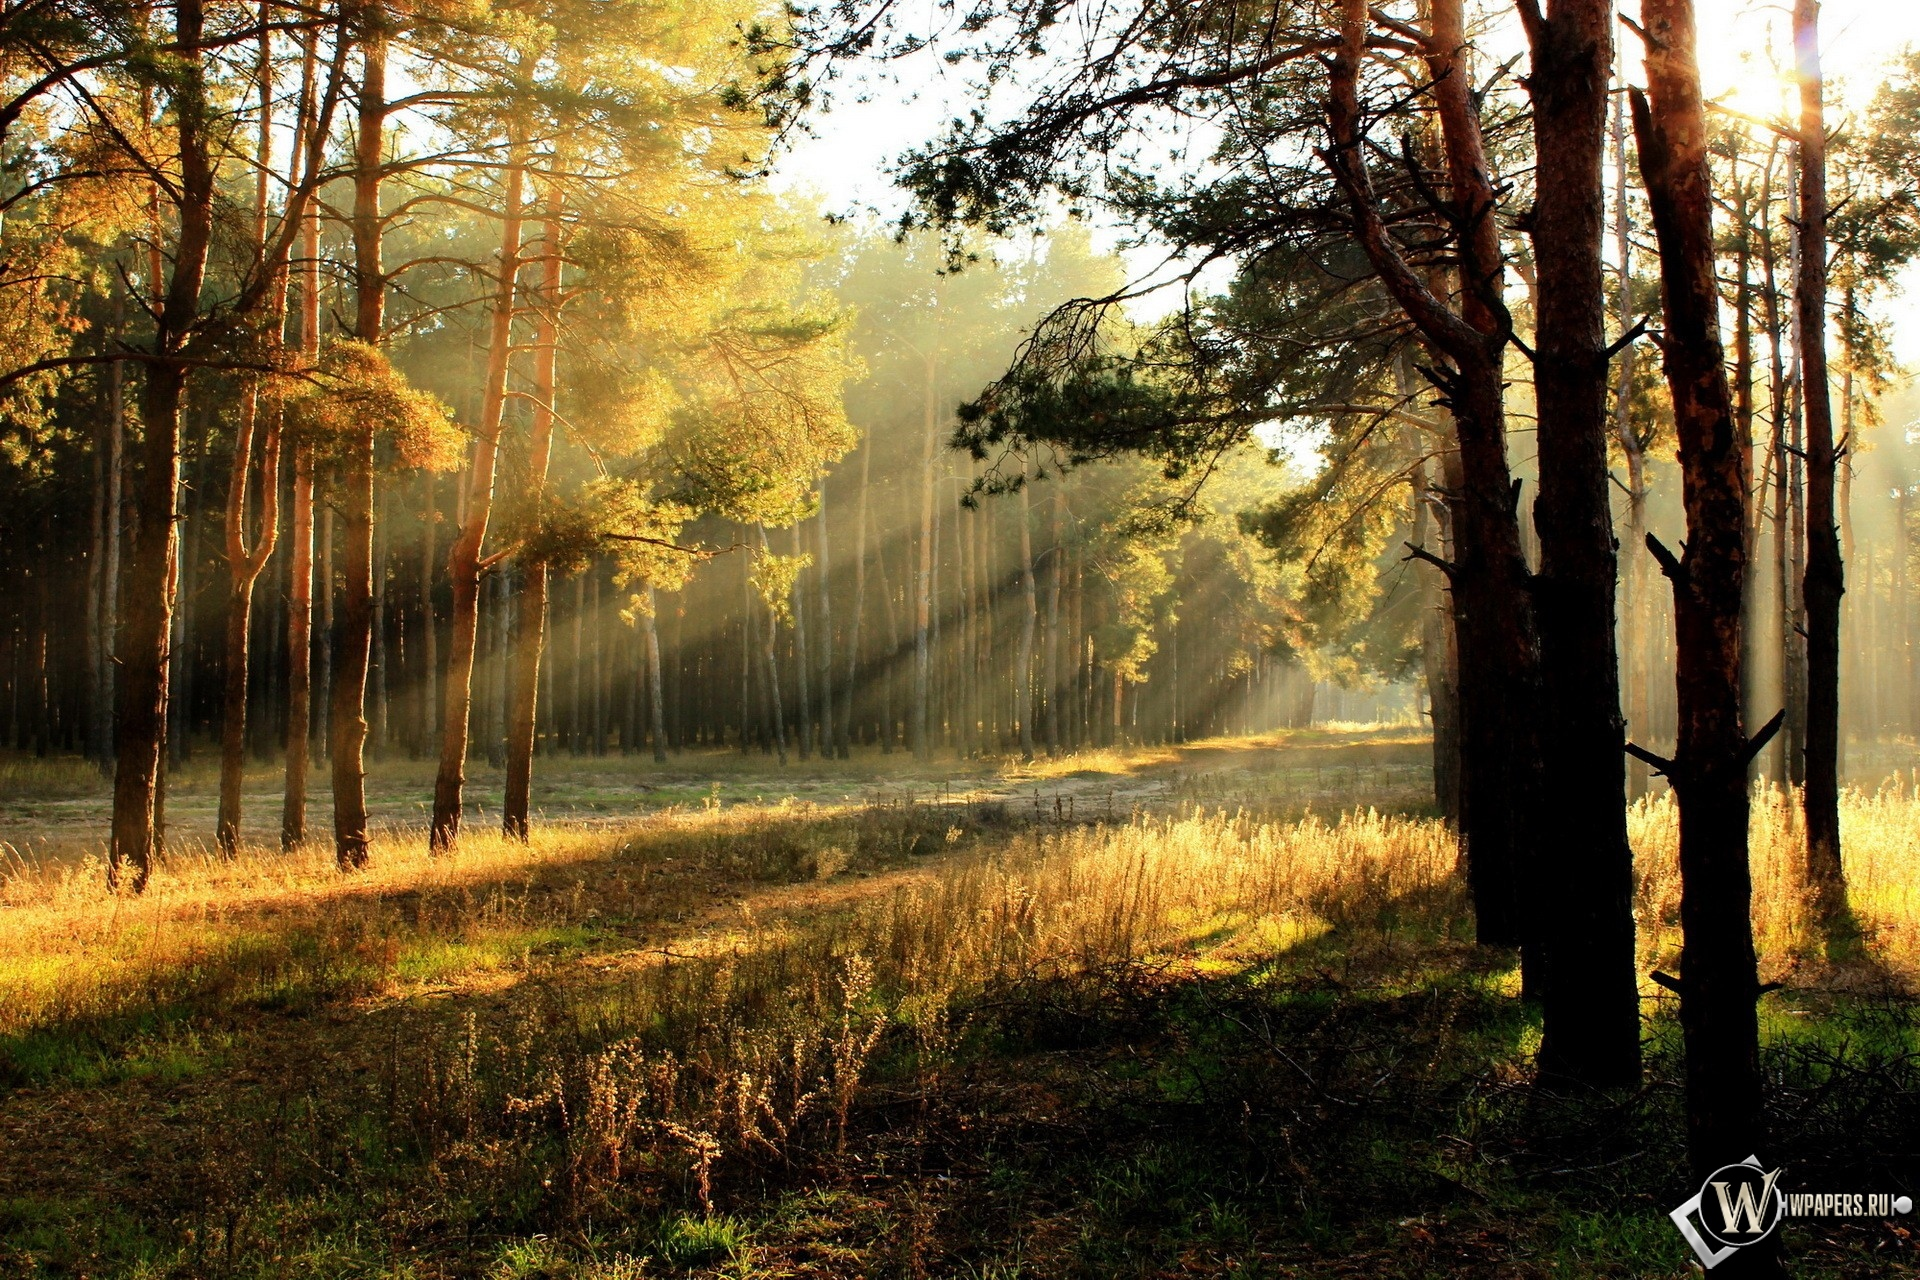 Утренний лес 1920x1280